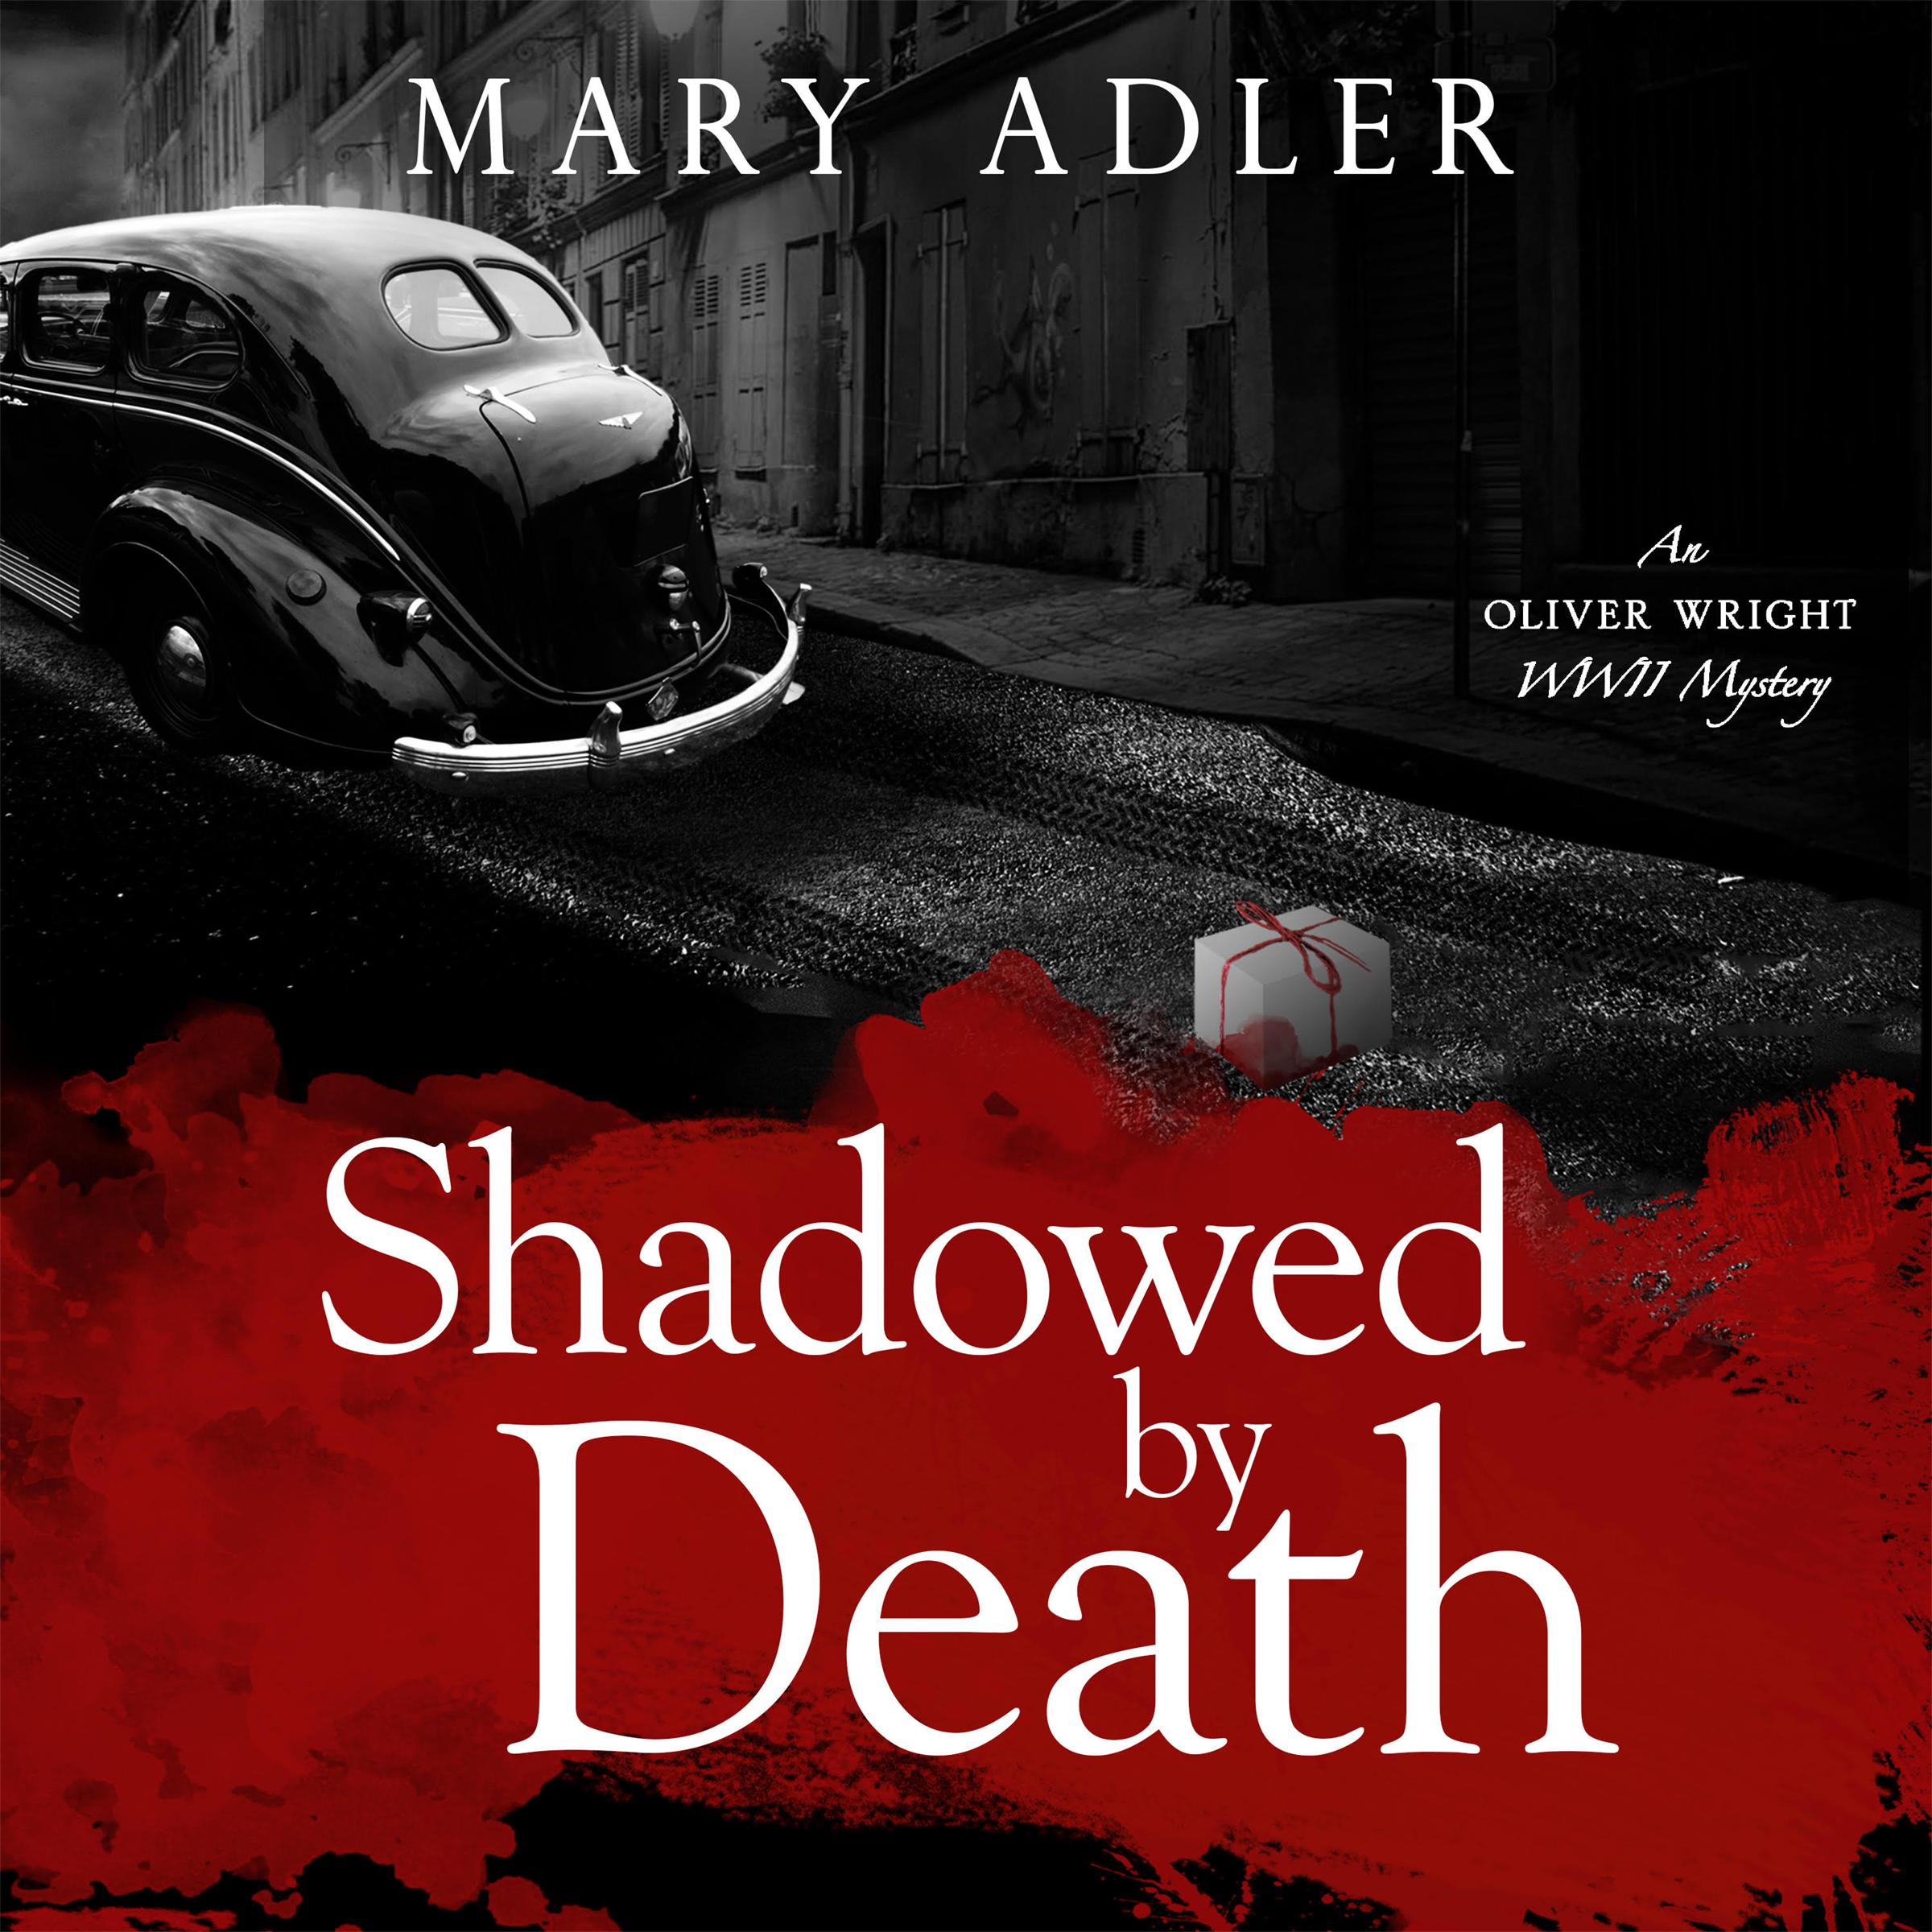 Shadowed by Death